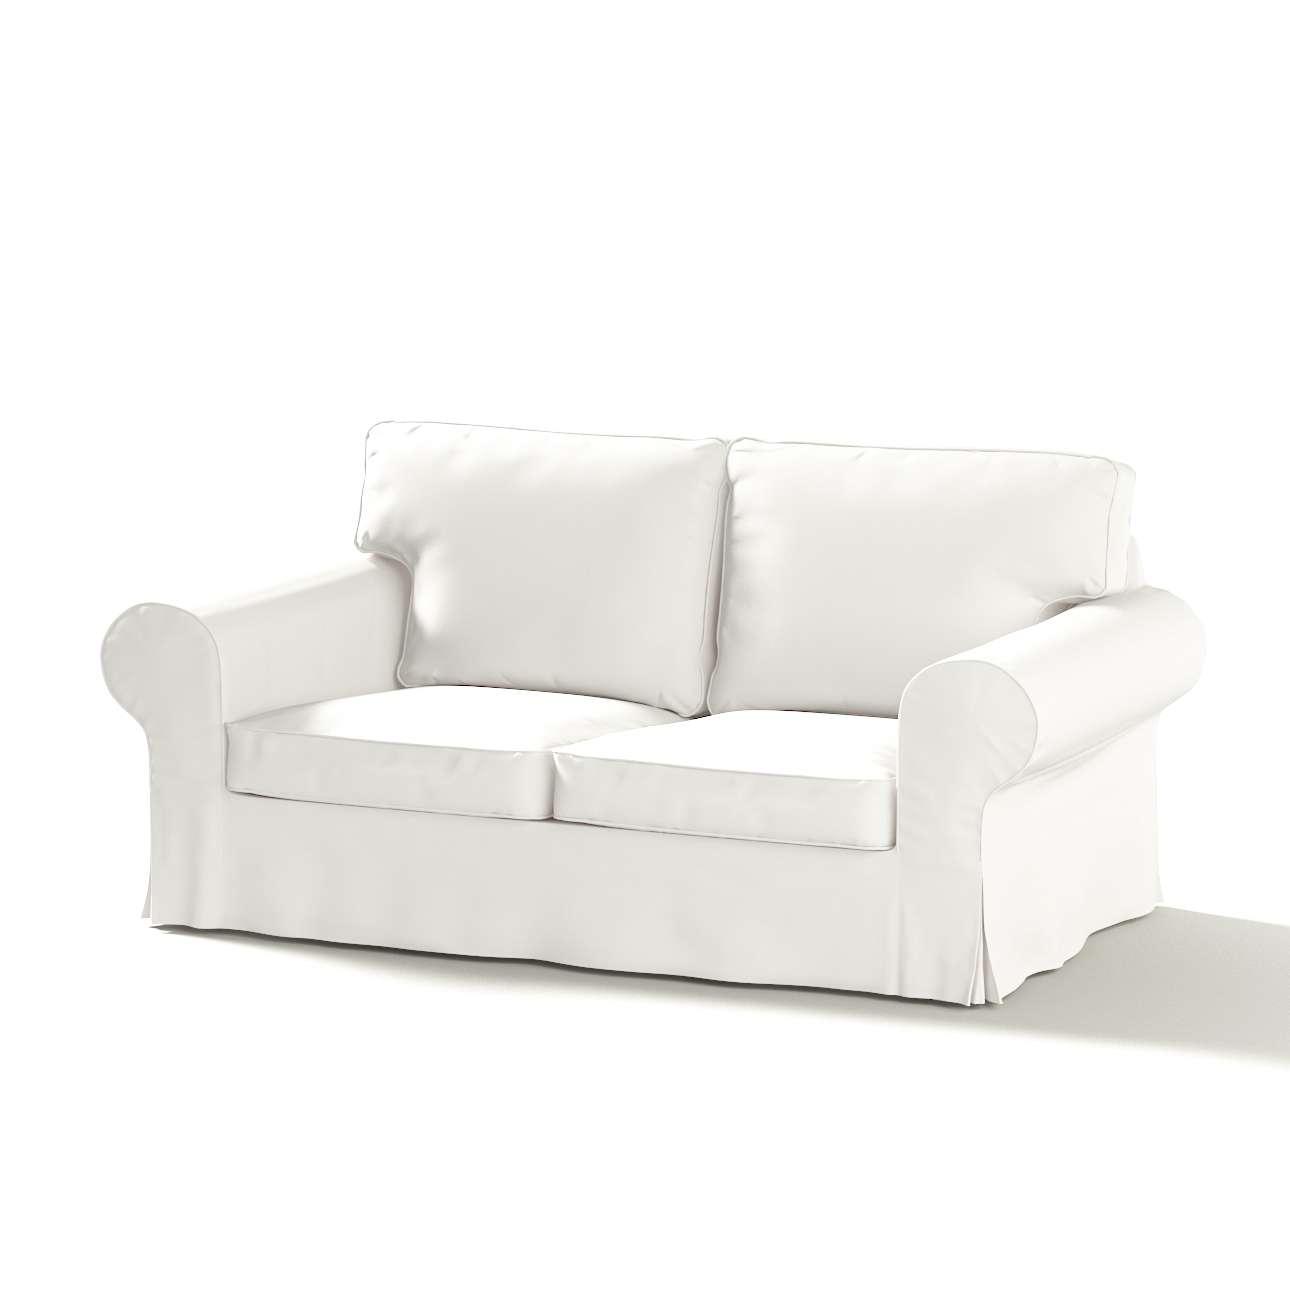 Ektorp 2-Sitzer Schlafsofabezug  NEUES Modell  Sofabezug für  Ektorp 2-Sitzer ausklappbar, neues Modell von der Kollektion Cotton Panama, Stoff: 702-34